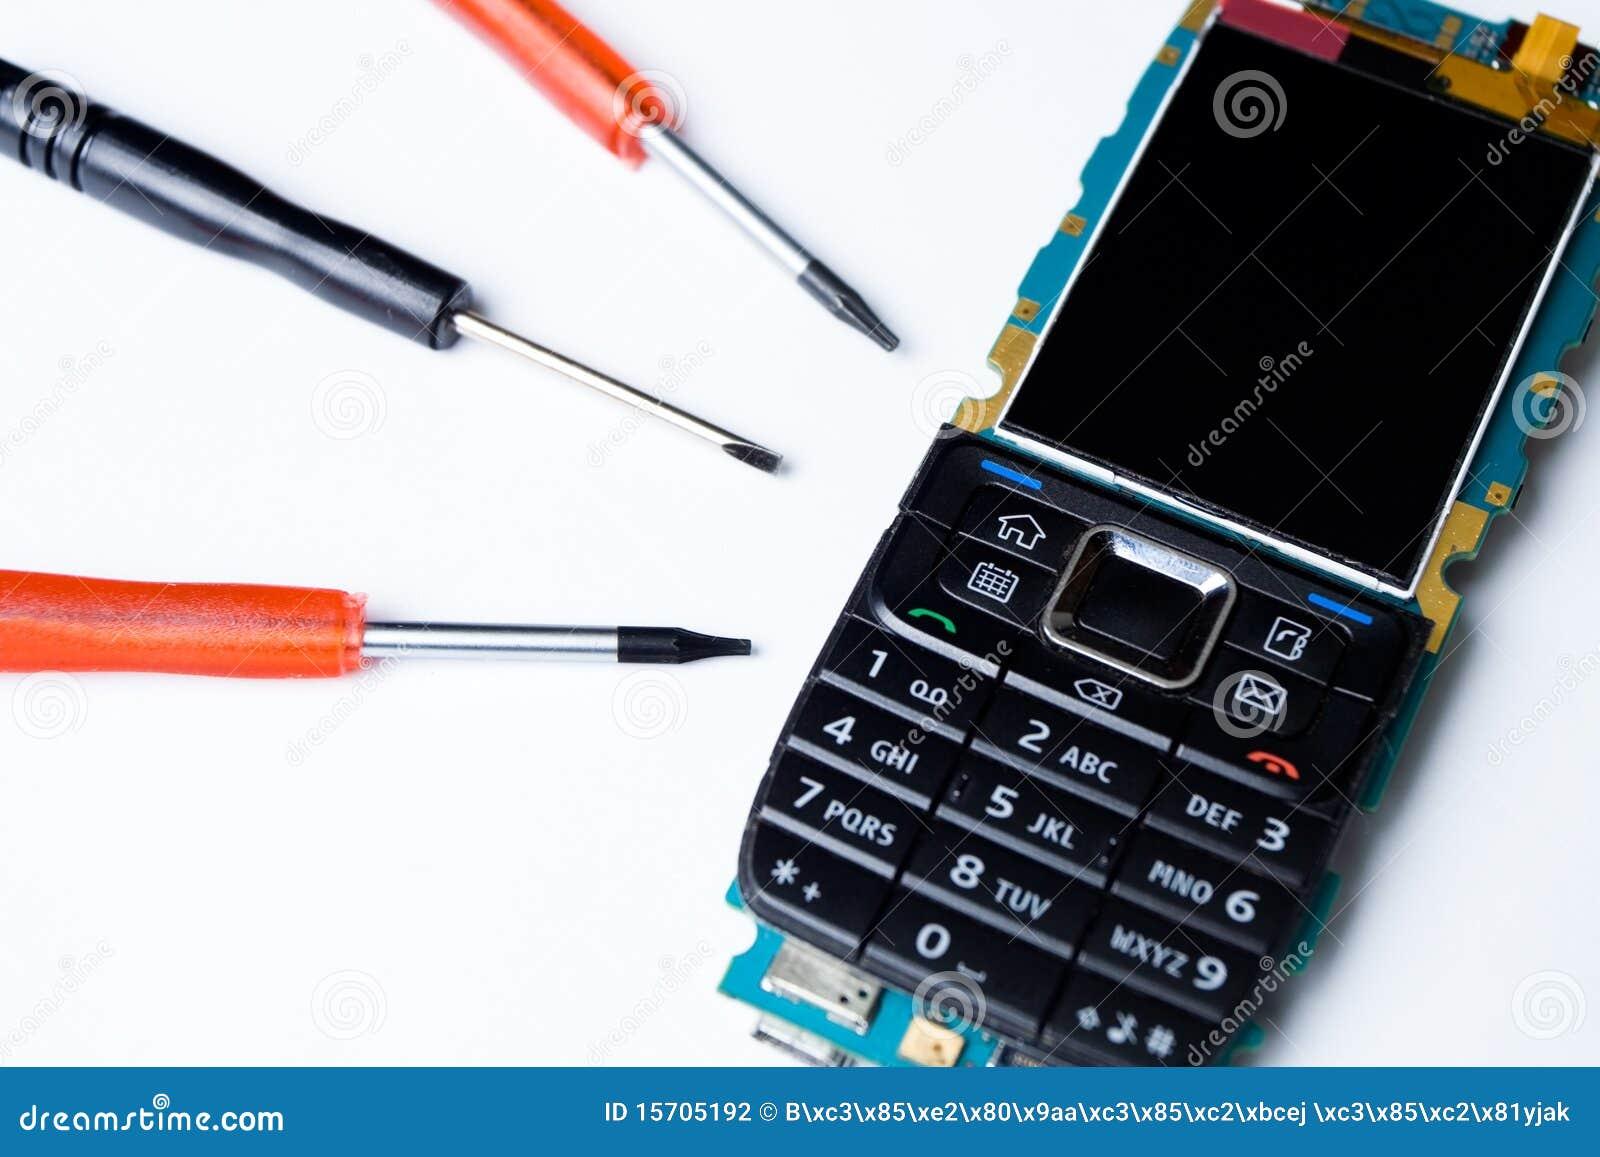 mobile repair business plan